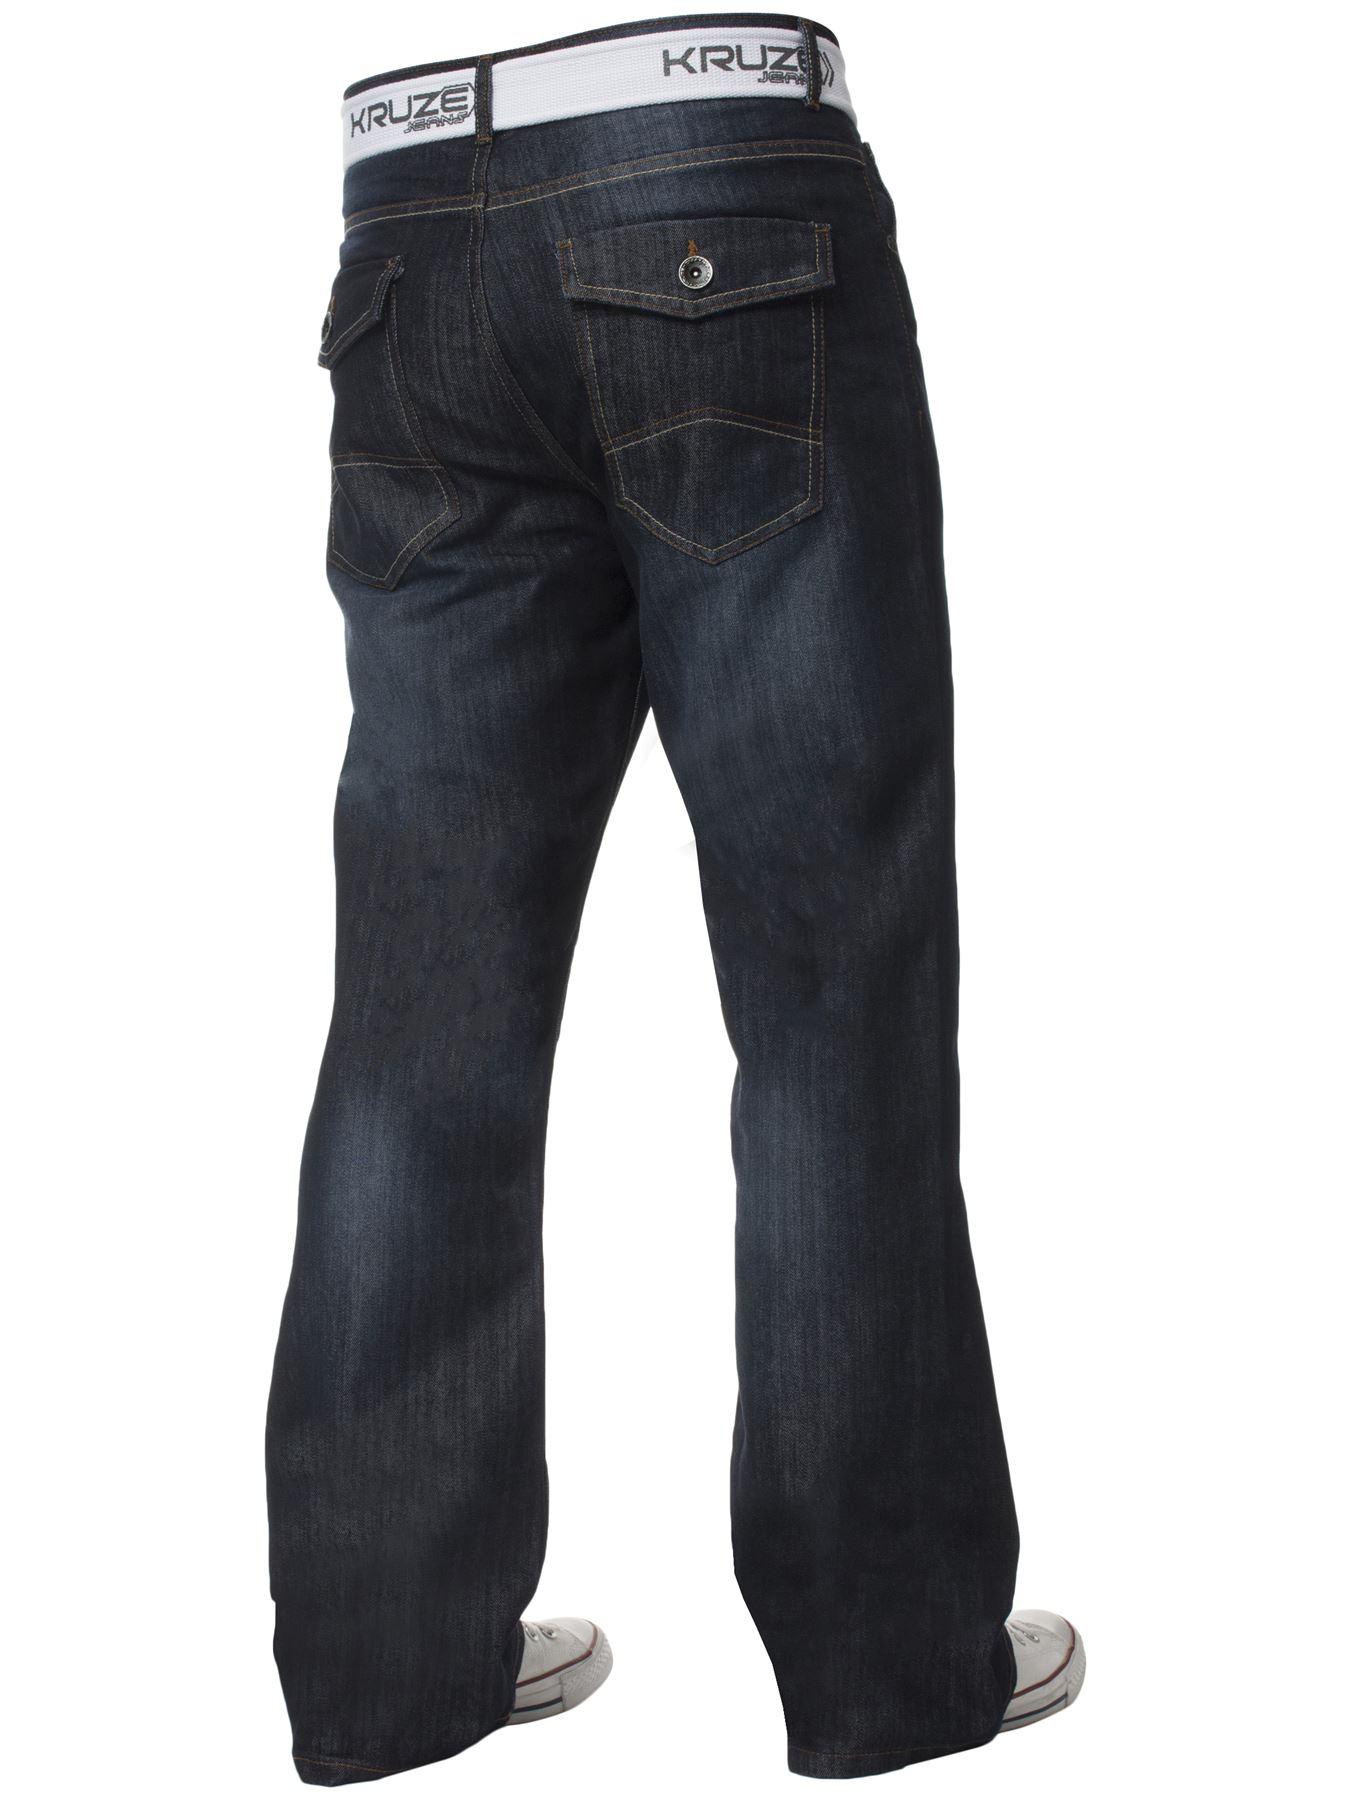 Kruze-Denim-Nuevo-Para-Hombre-Bootcut-Pierna-Ancha-Flare-Pantalones-Cintura-Tallas-Grandes-Rey-todos miniatura 11